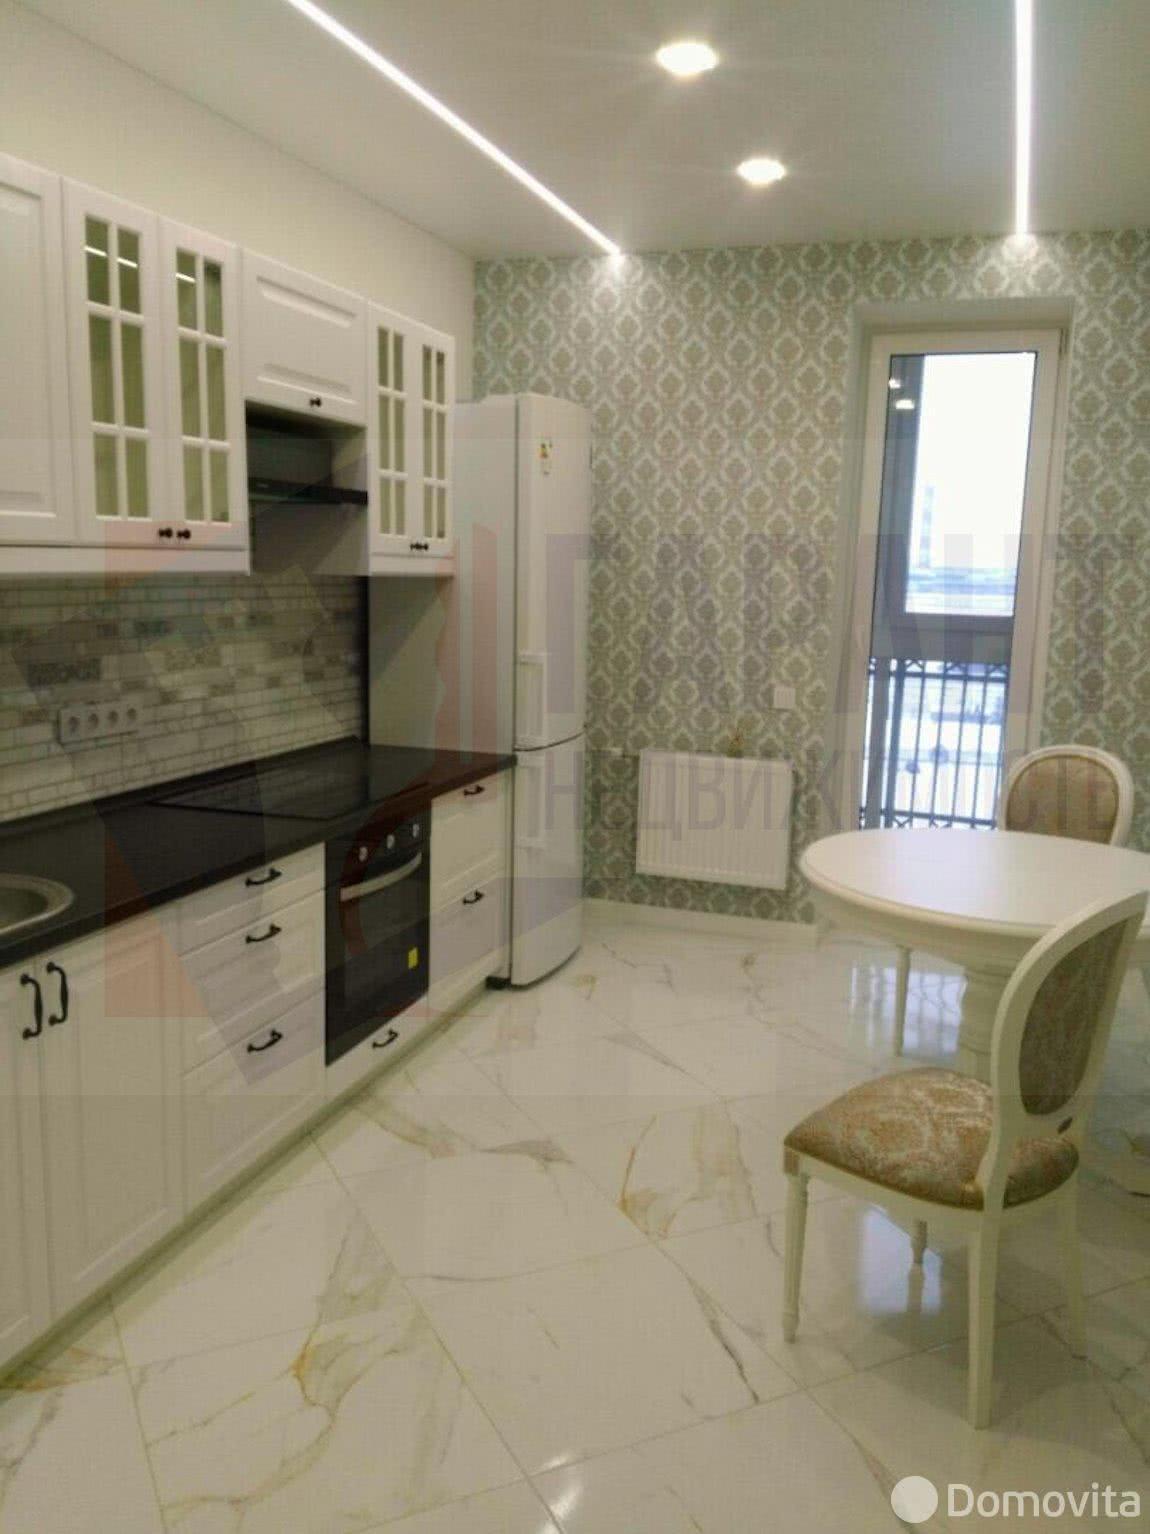 Аренда 1-комнатной квартиры в Минске, ул. Академика Карского, д. 27 - фото 1